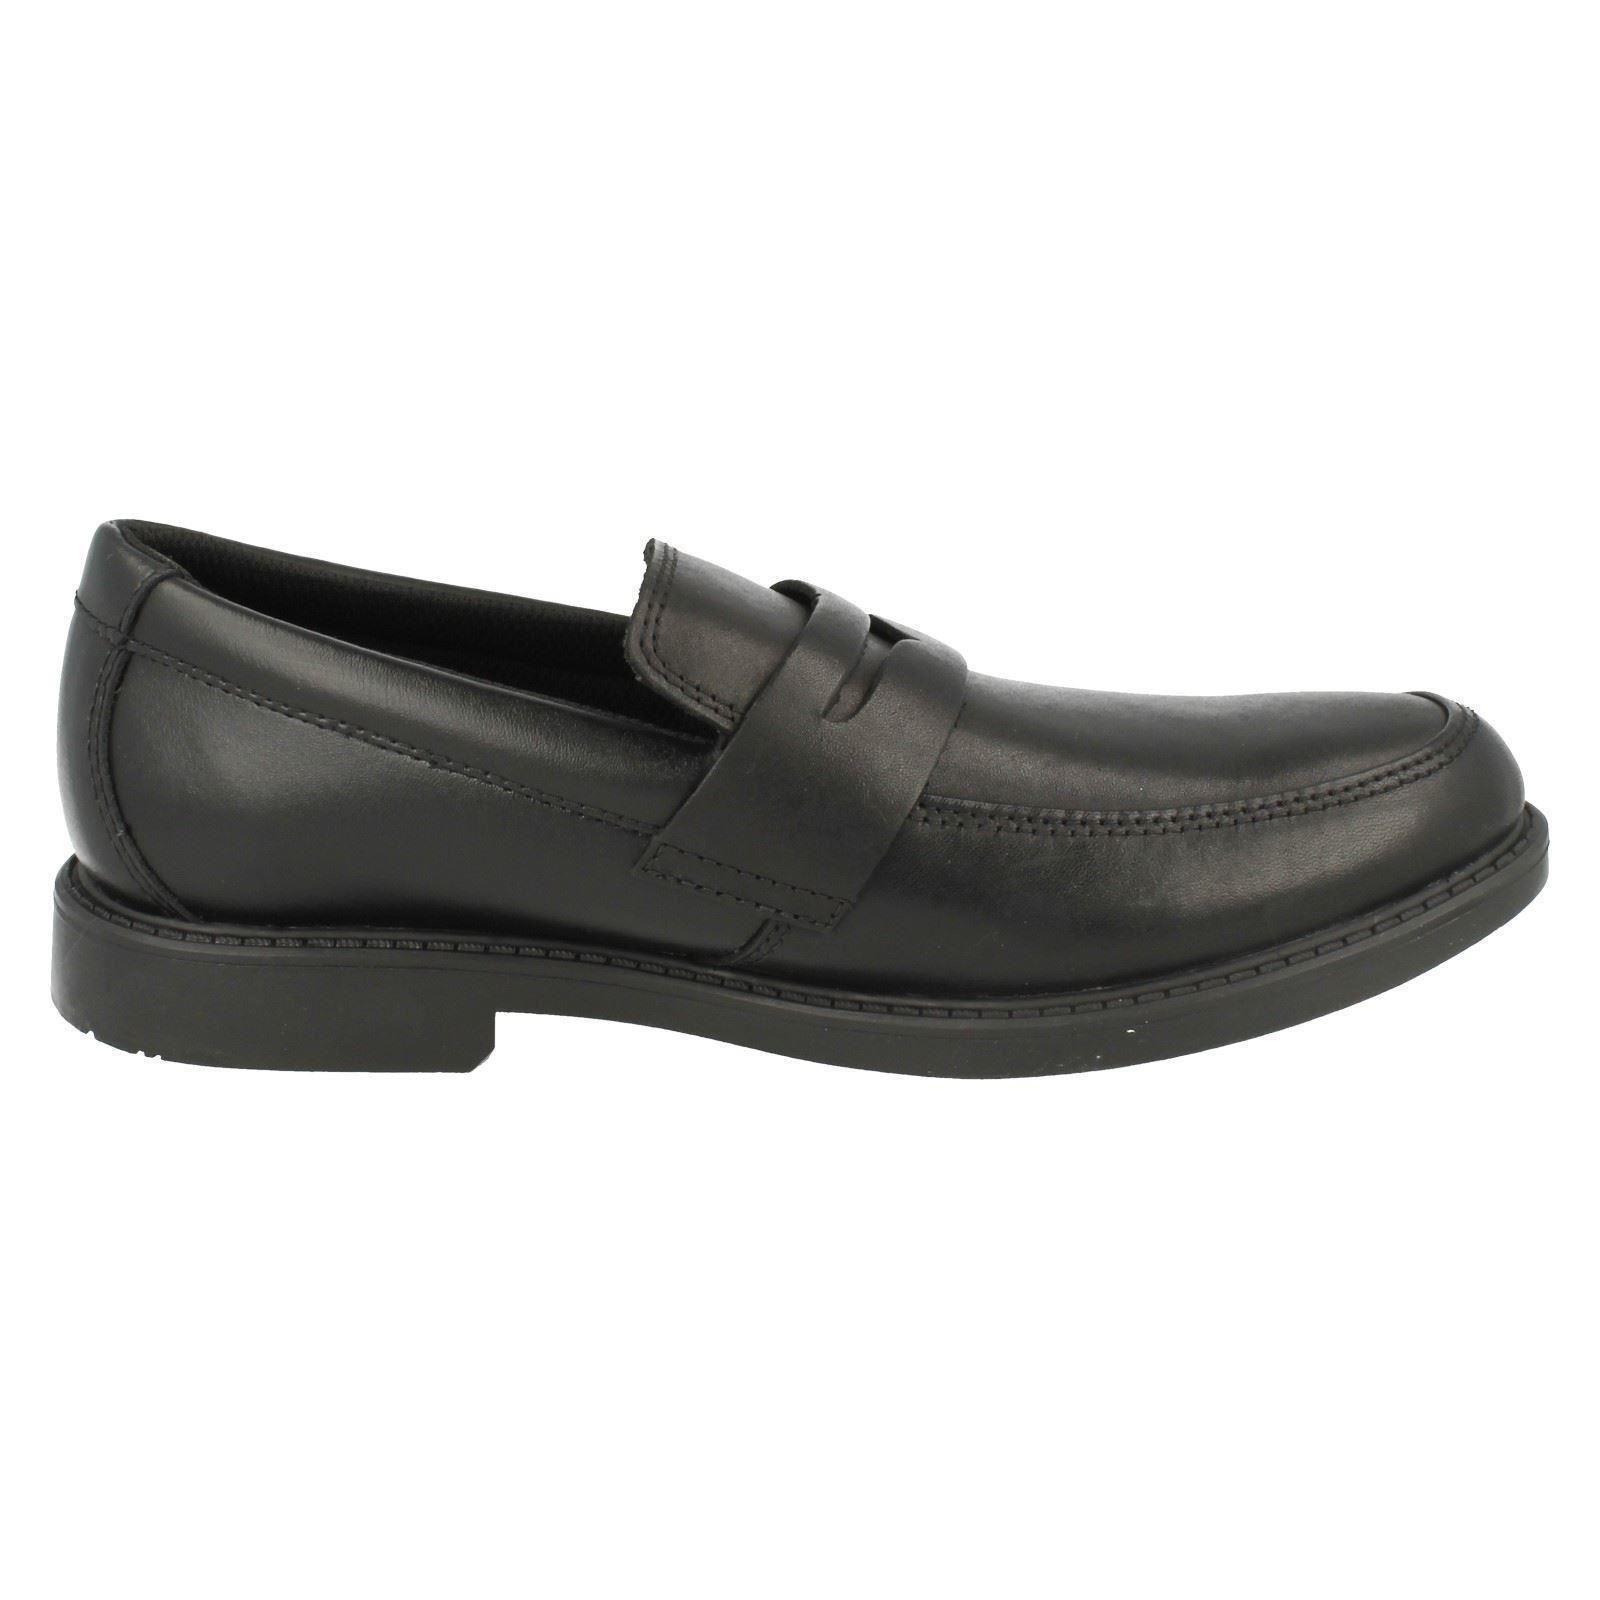 Clarks Senior Boys Loafer School Shoes Zayne   EBay